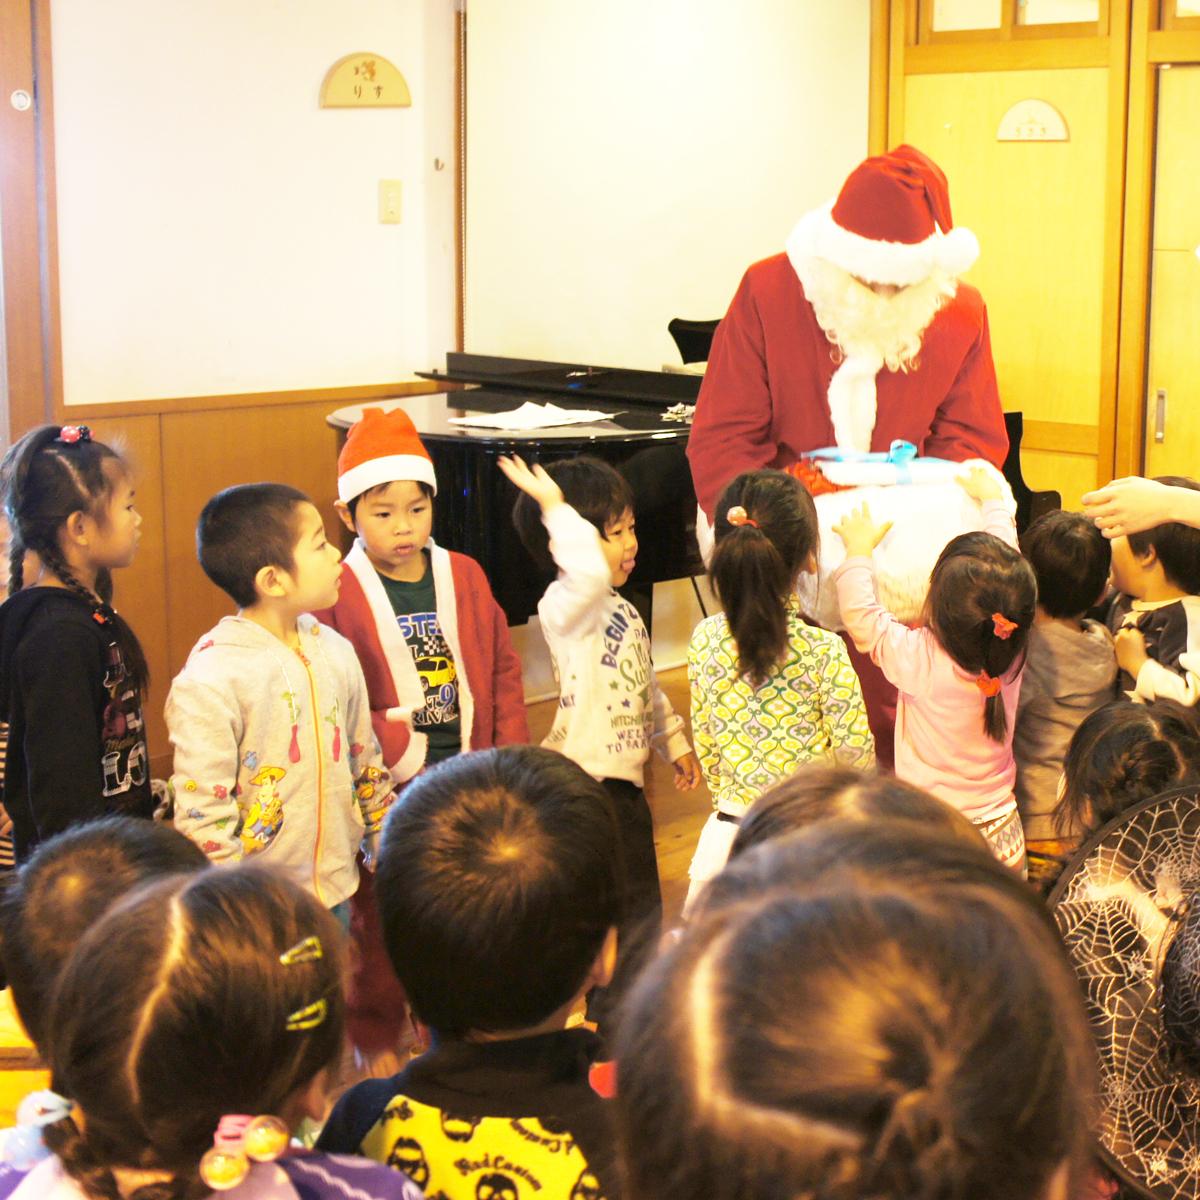 あかね保育園の年間のイベントと行事のクリスマス会の画像